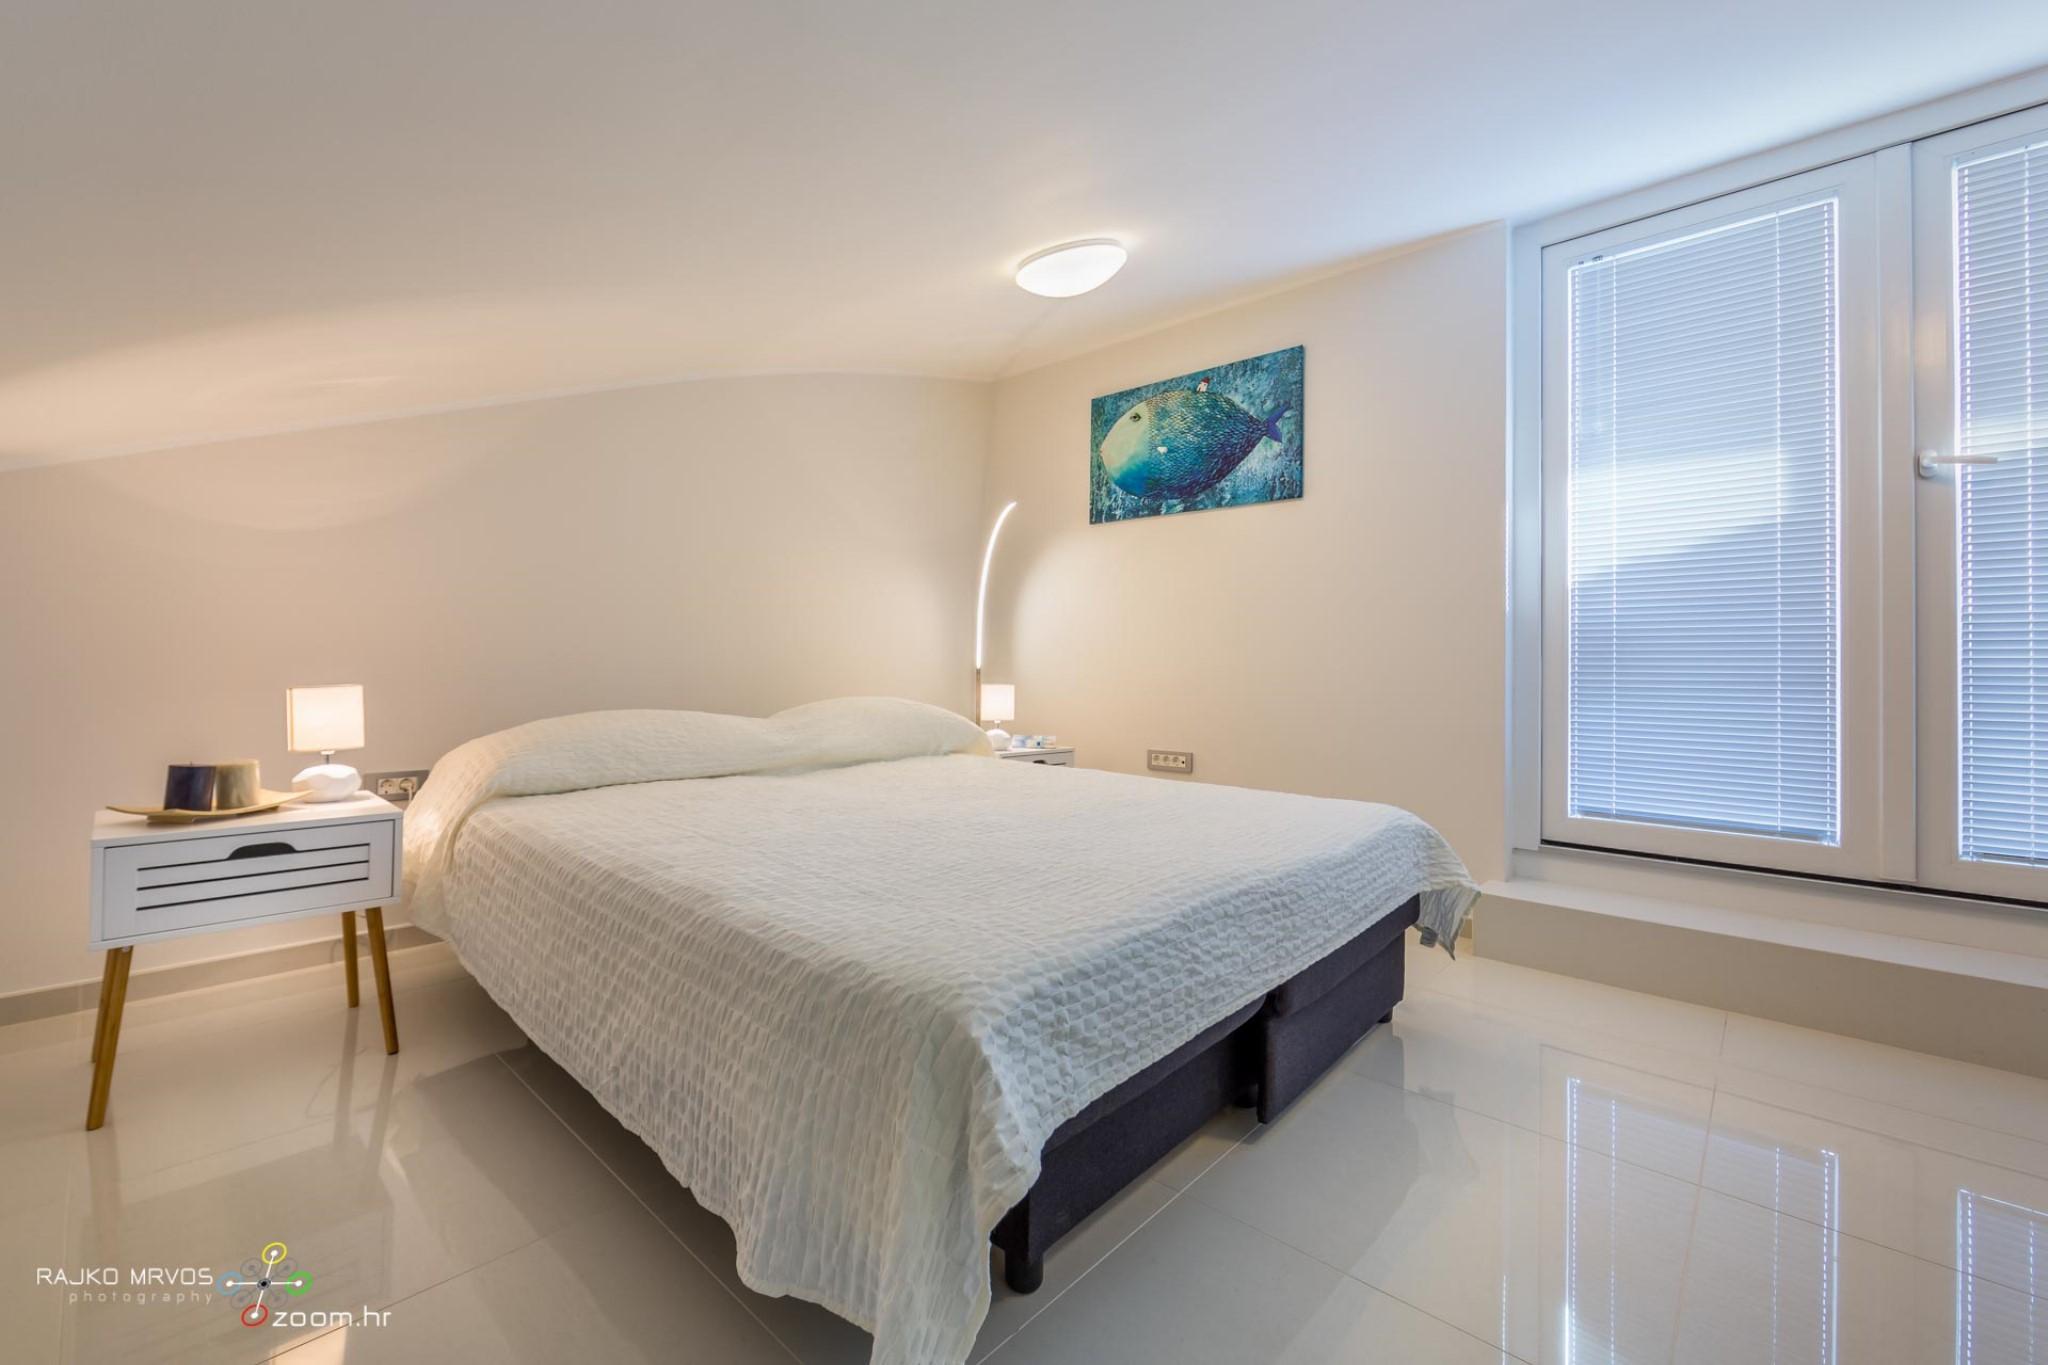 fotografiranje-interijera-fotograf-eksterijera-apartmana-vila-kuca-hotela-apartman-Pobri-Opatija-61